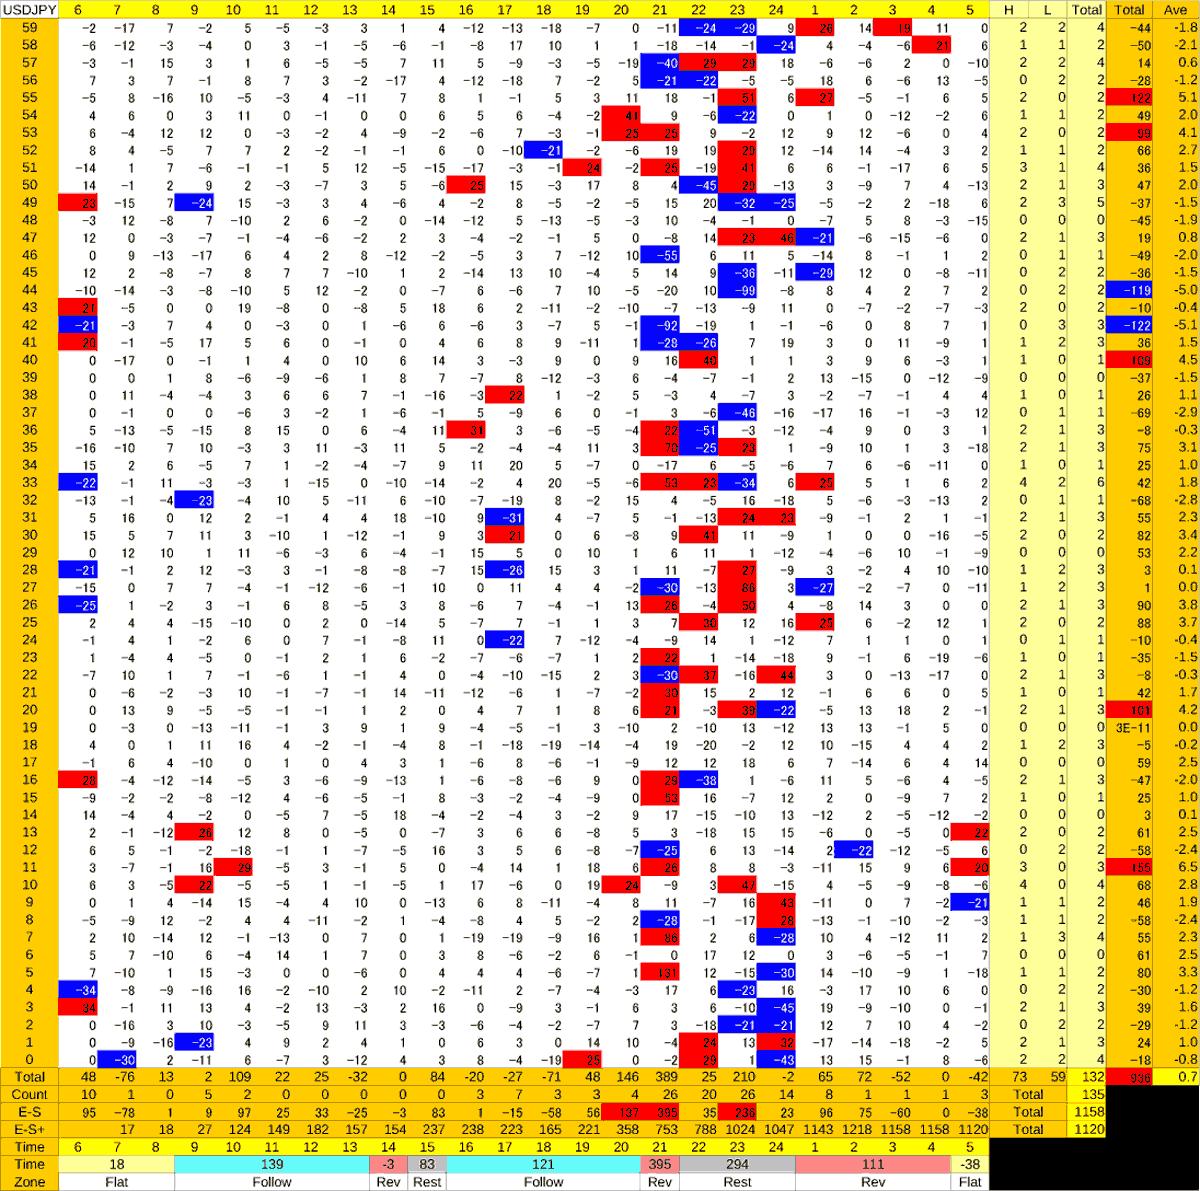 20200602_HS(1)USDJPY